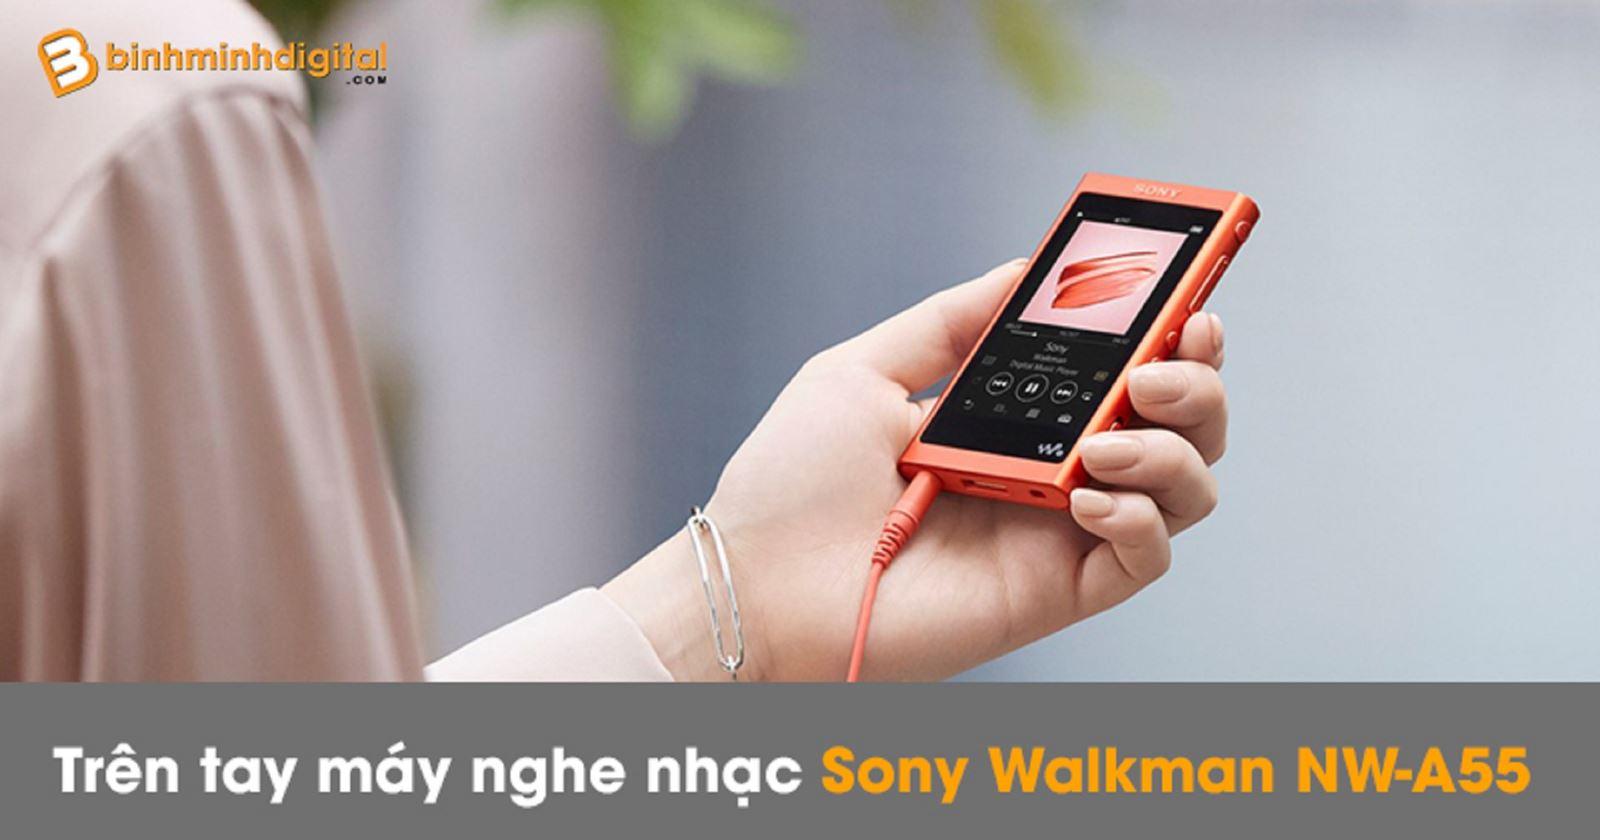 Trên tay máy nghe nhạc Sony WalkmanNW-A55